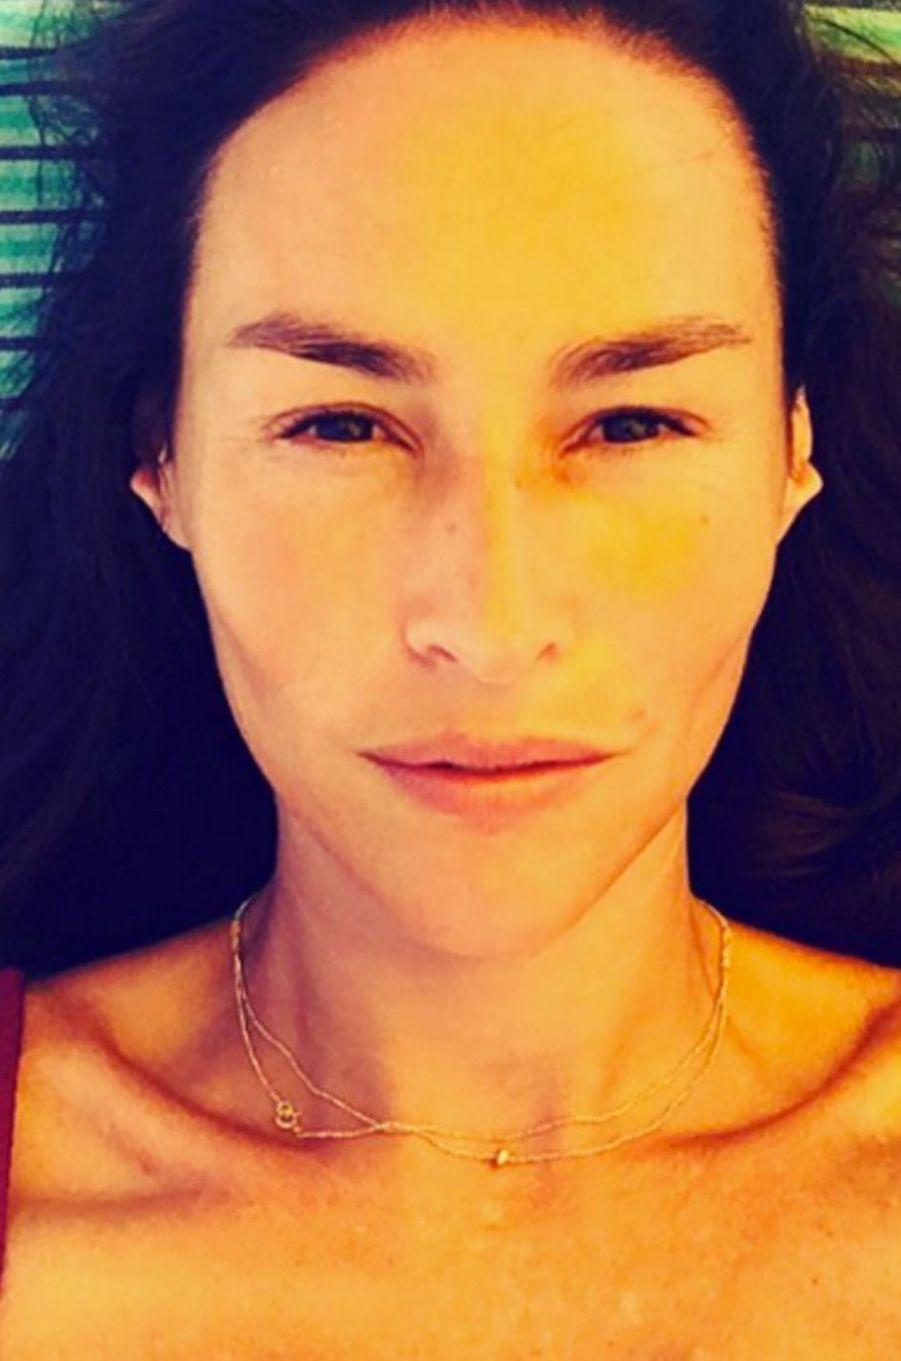 Vanessa Demouy une beauté sauvage qui n'a pas besoin de maquillage